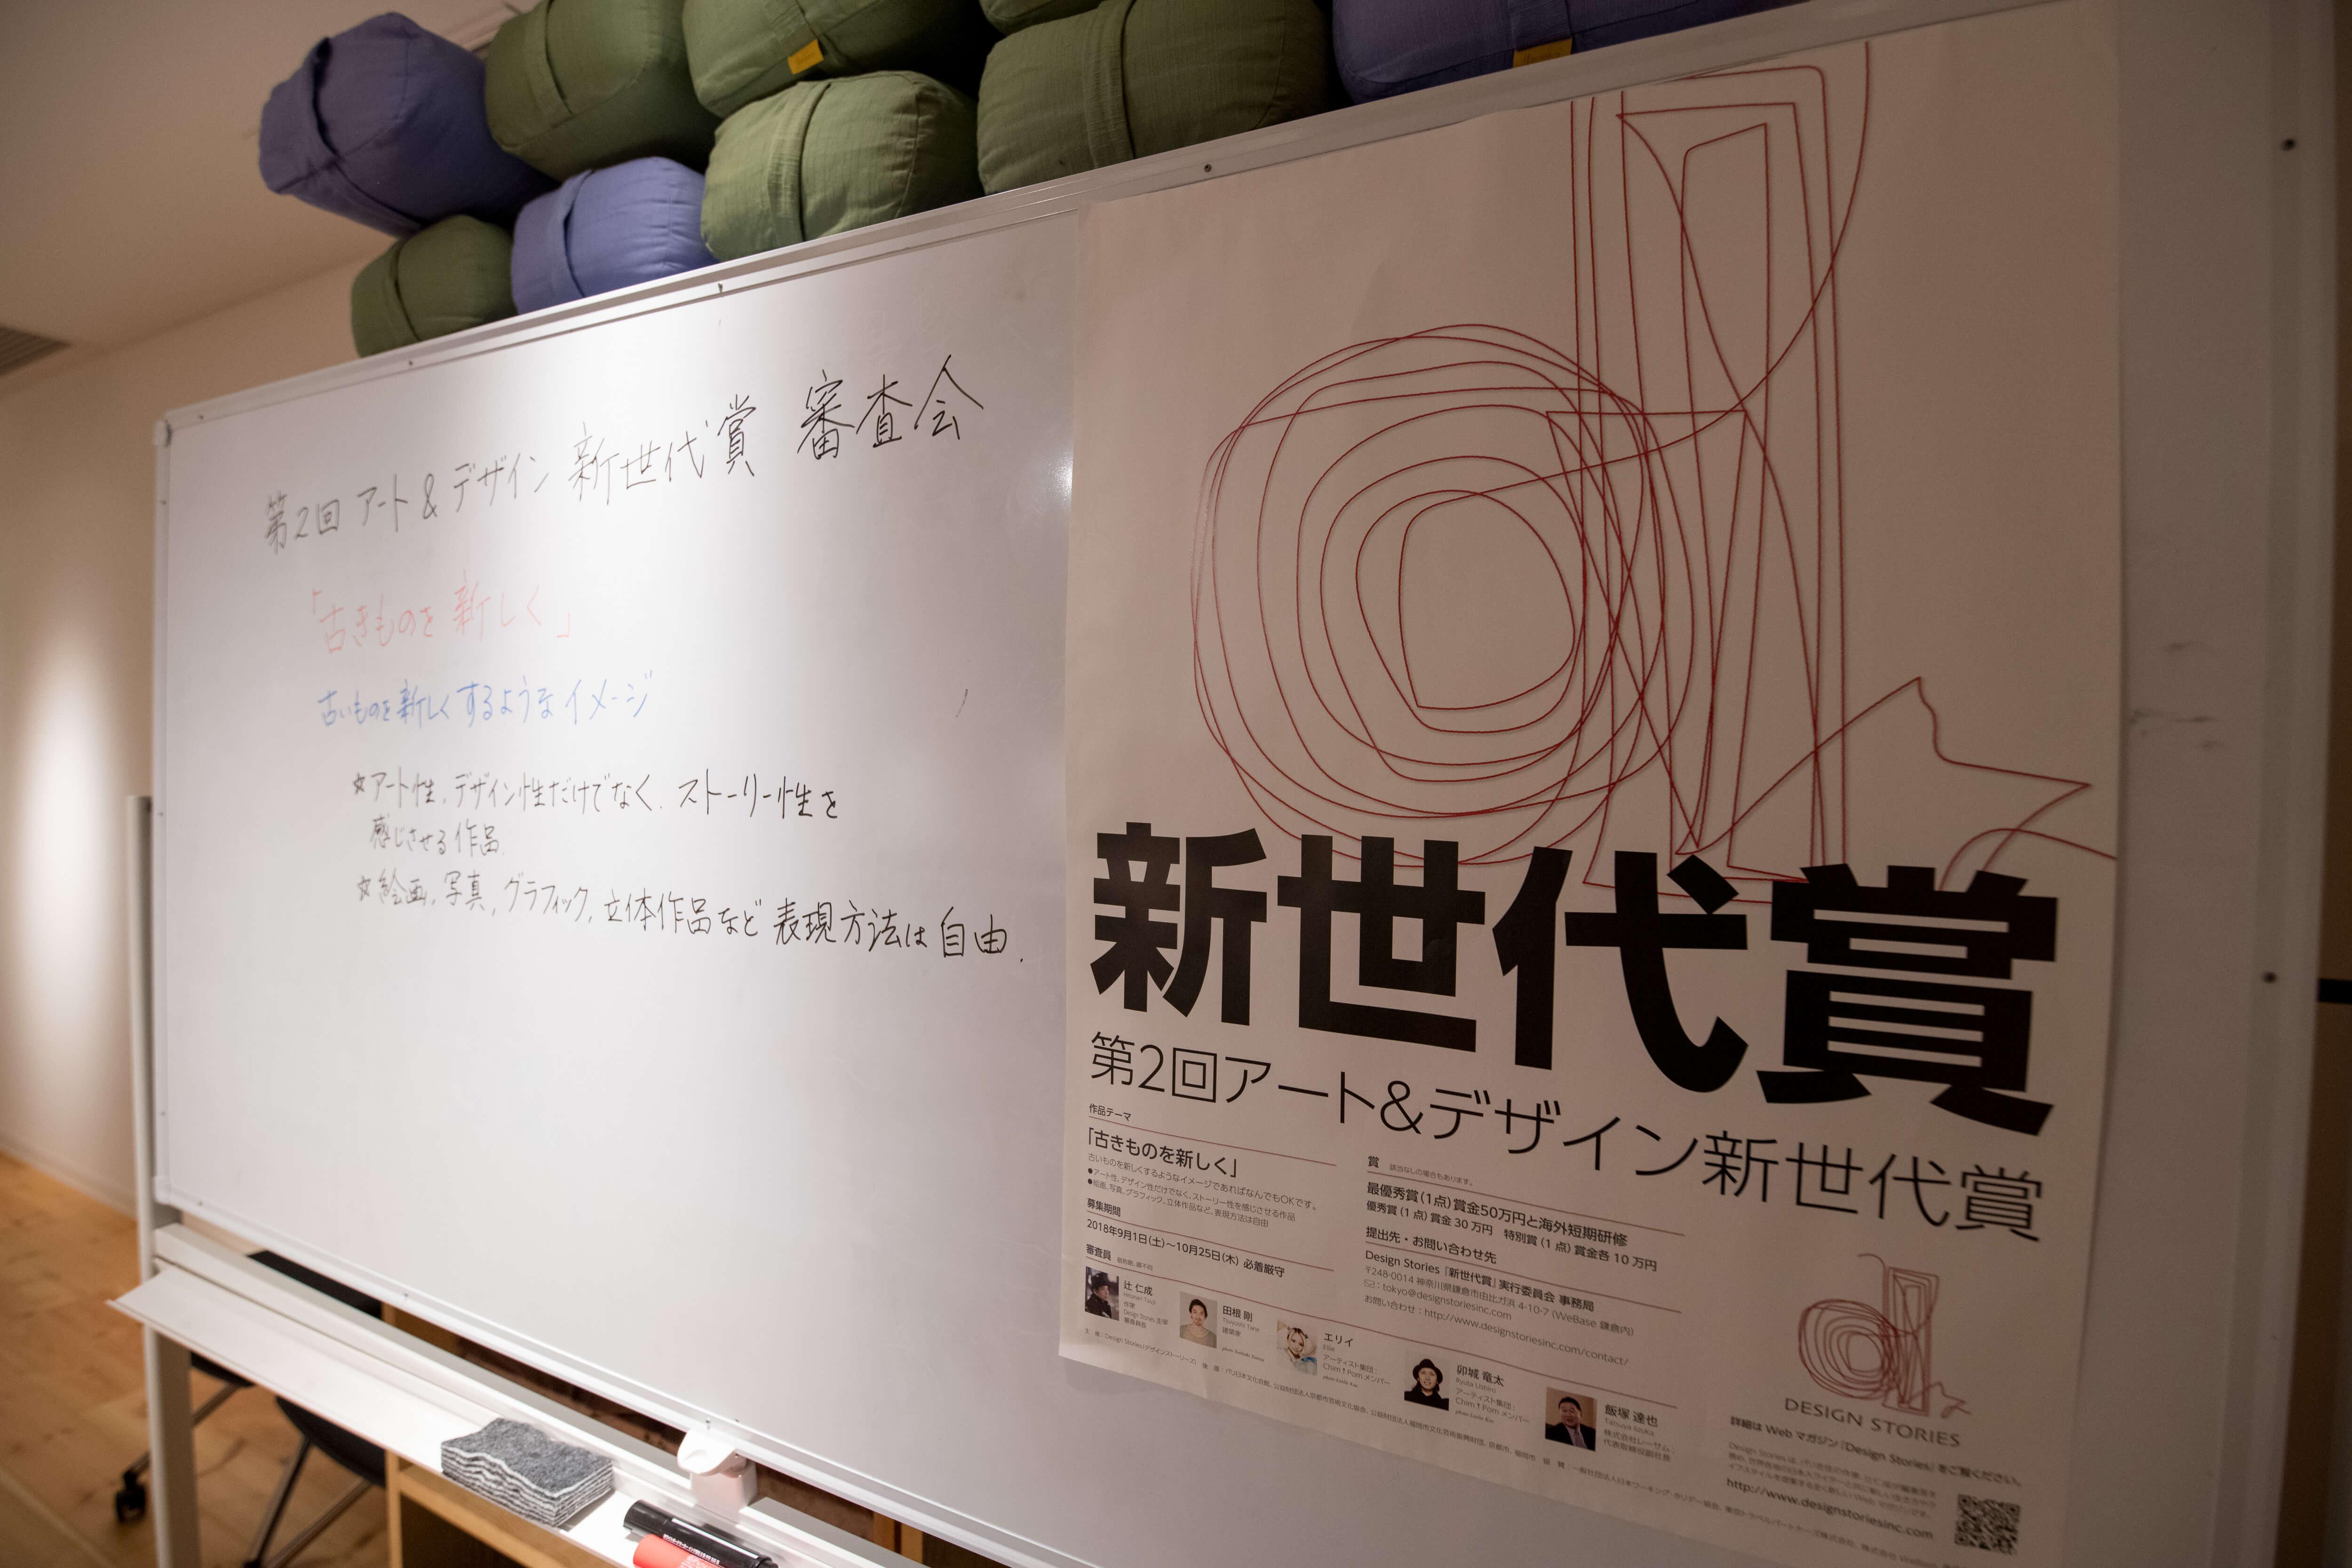 第2回アート&デザイン新世代賞、受賞決まる!